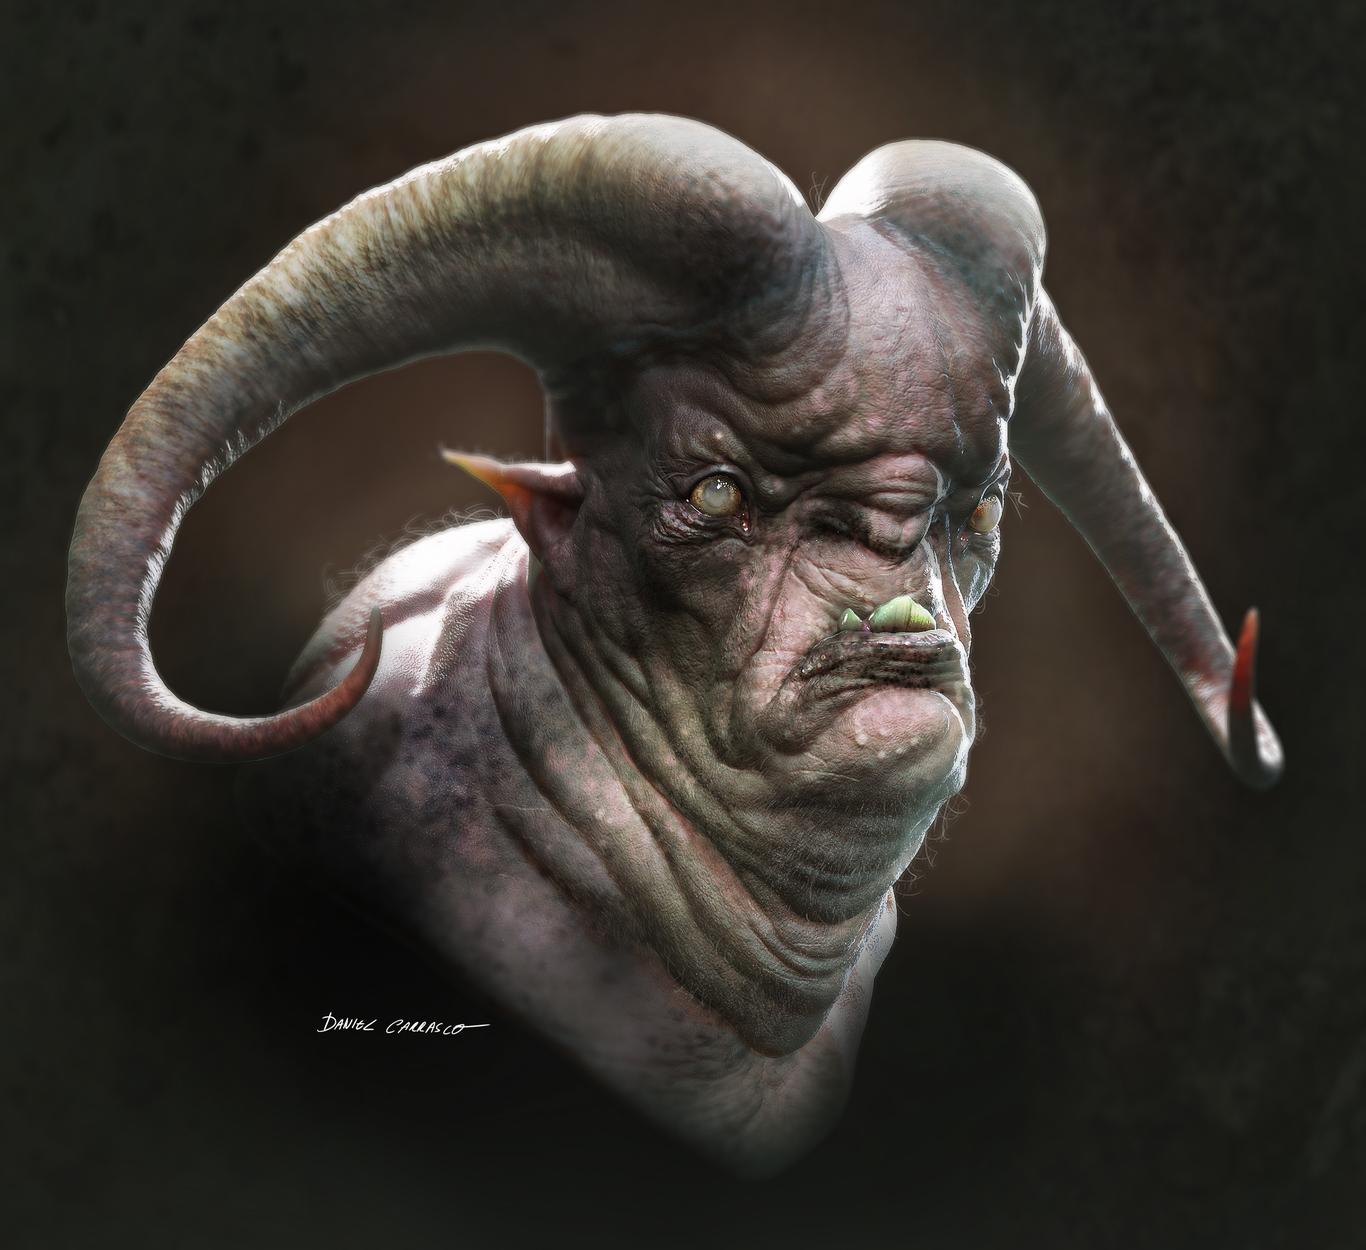 Damalto troll 1 3a440127 g065